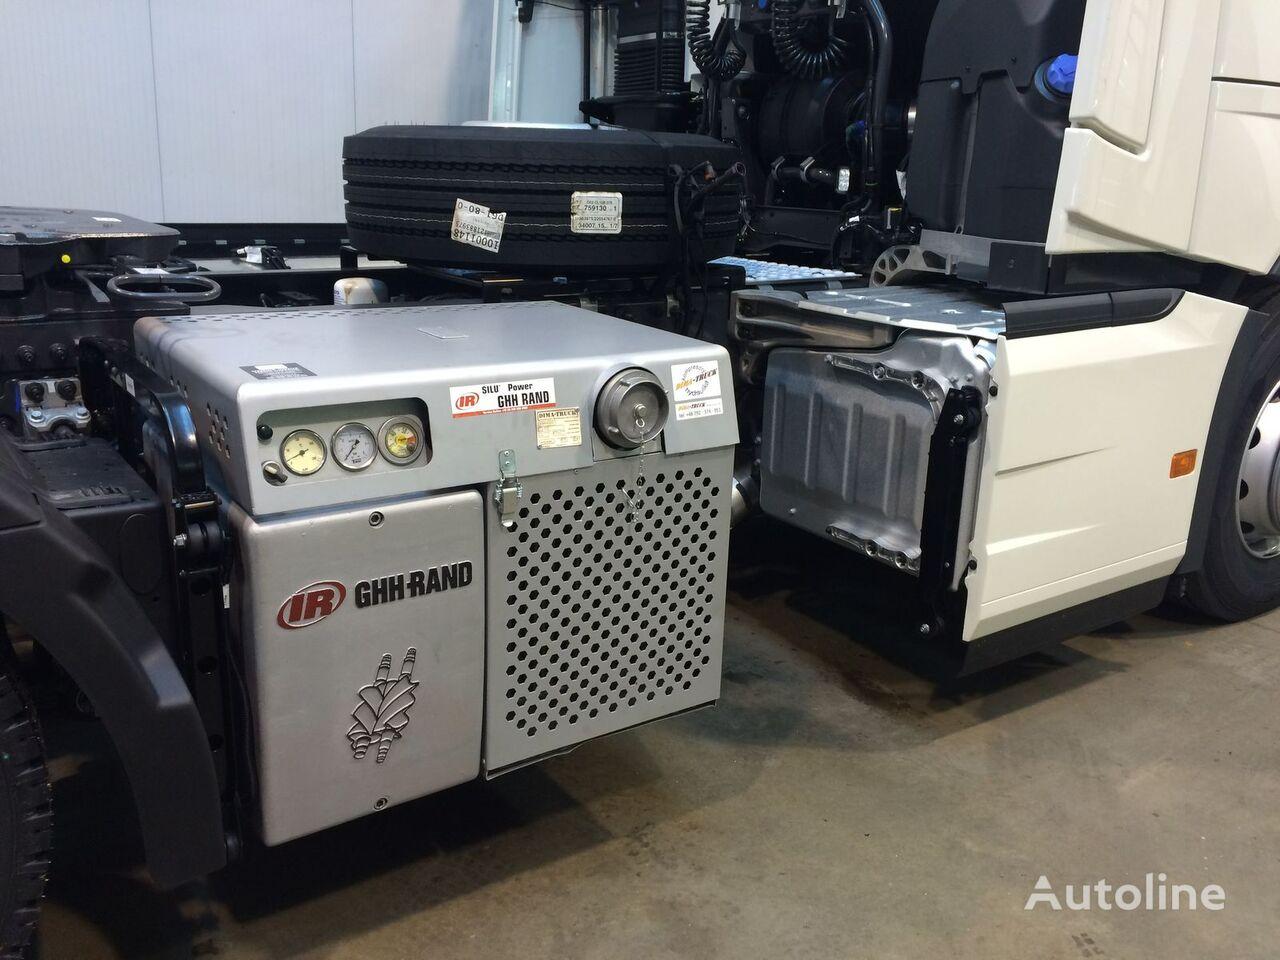 vzduchový kompresor GHH Rand CS 85 CS1050 Riwo pro tahače